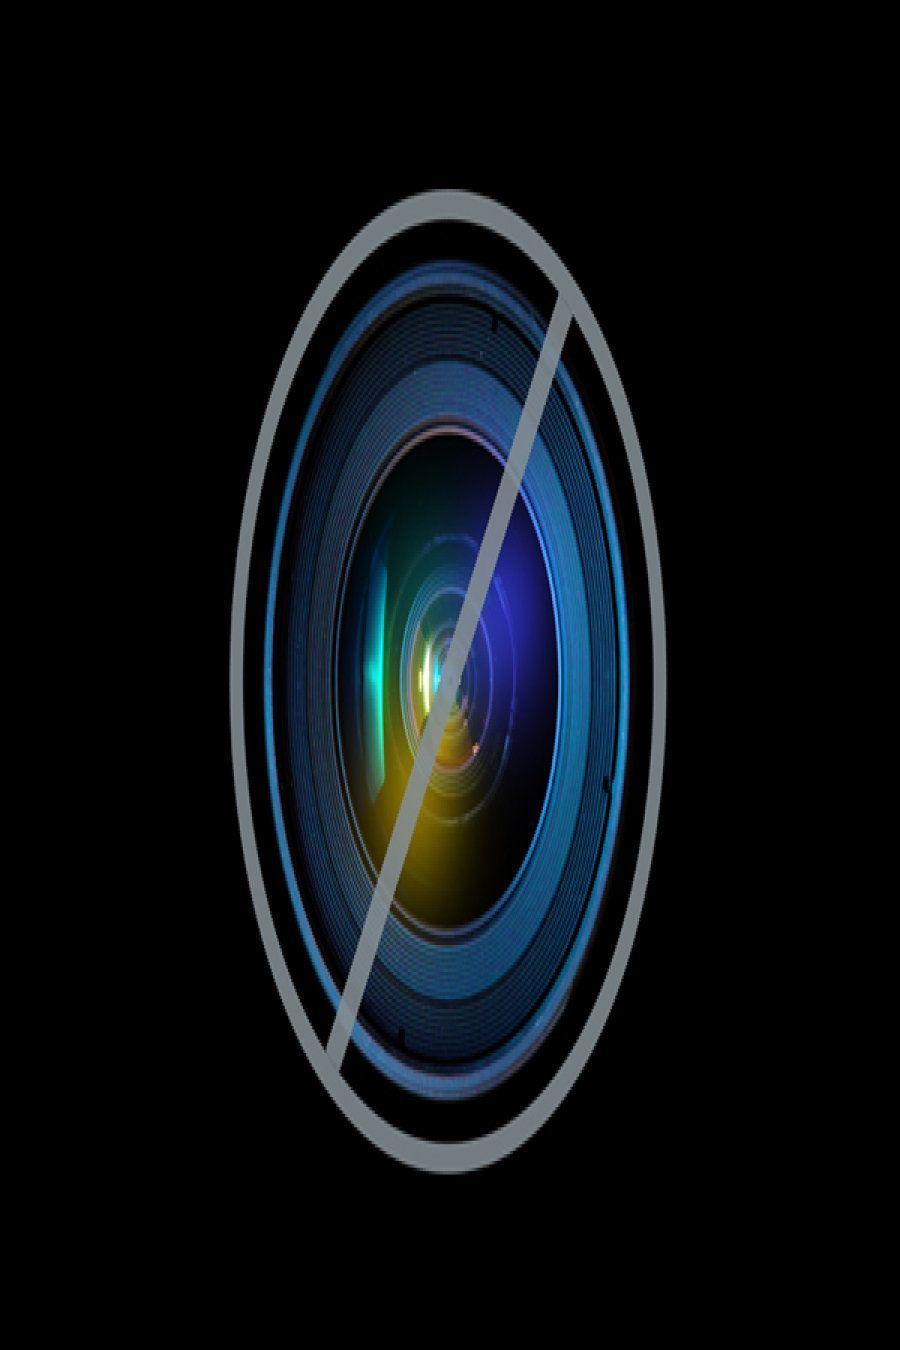 【海中写真コンテスト】アザラシが泳ぐコンブの森など受賞作品【ギャラリー】